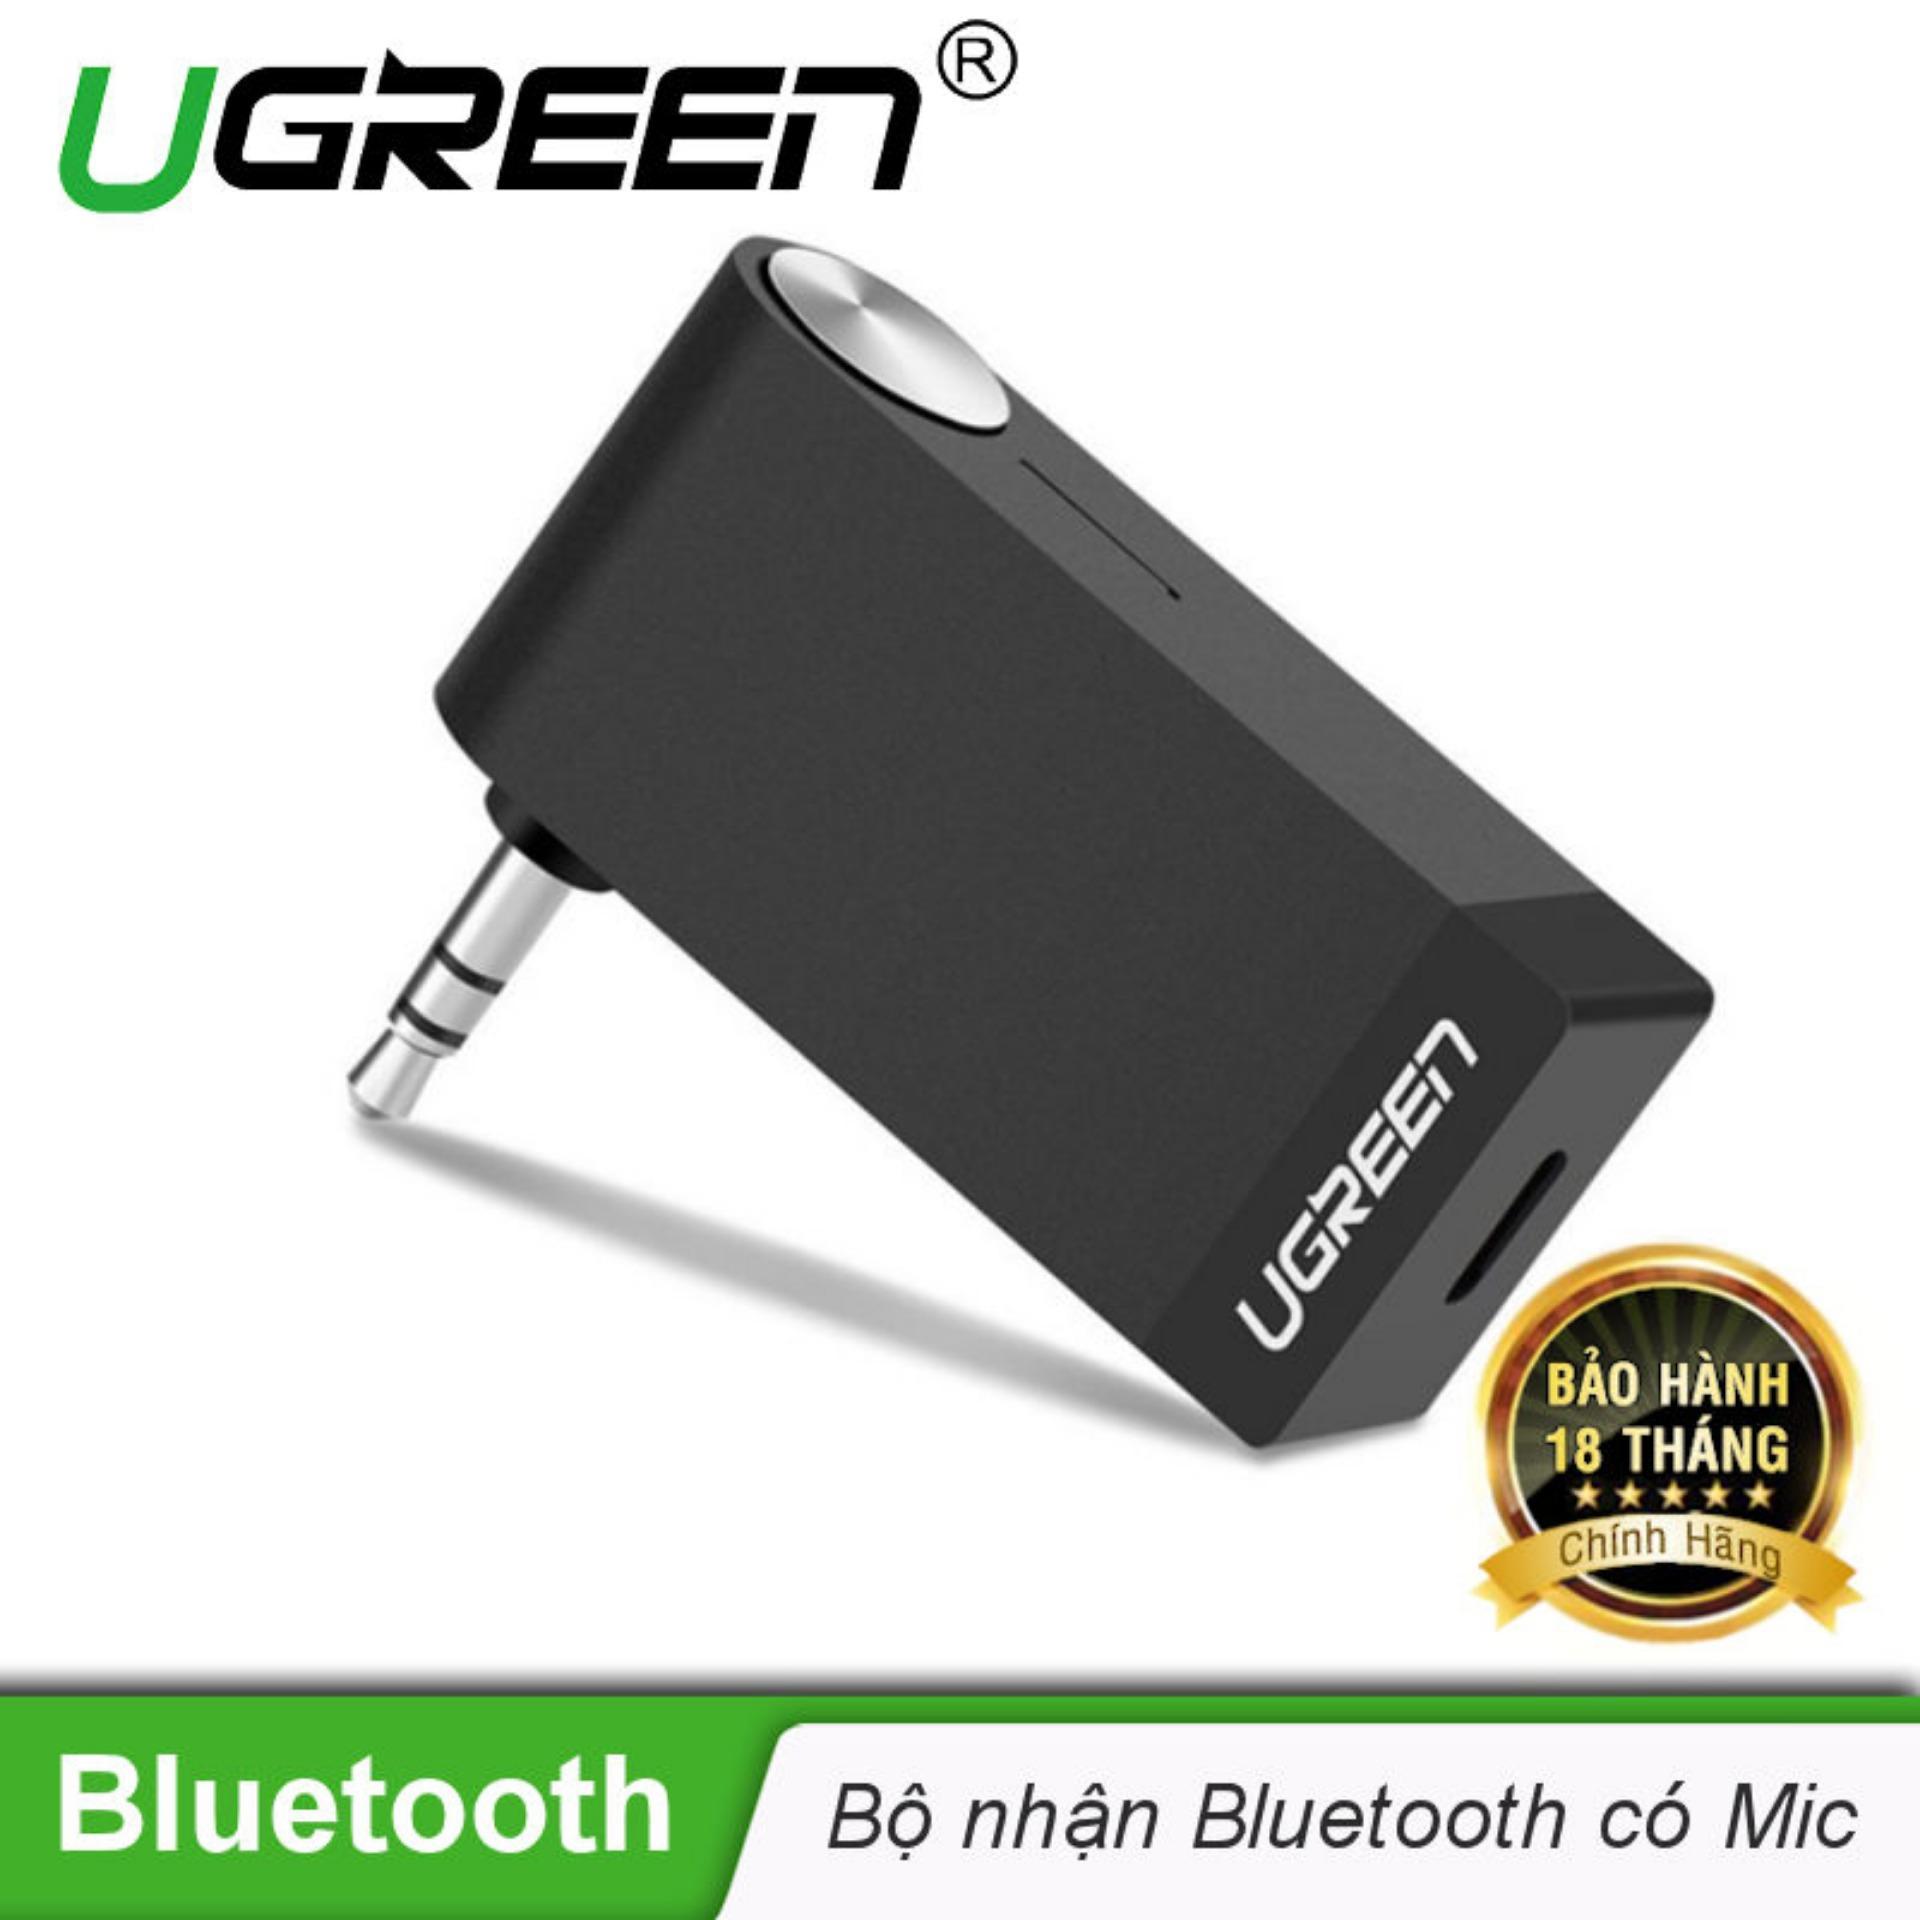 Bán Thiết Bị Nhận Am Thanh Bluetooth Music Co Hỗ Trợ Mic Cho Loa O To Ugreen 30348 Hang Phan Phối Chinh Thức Nguyên